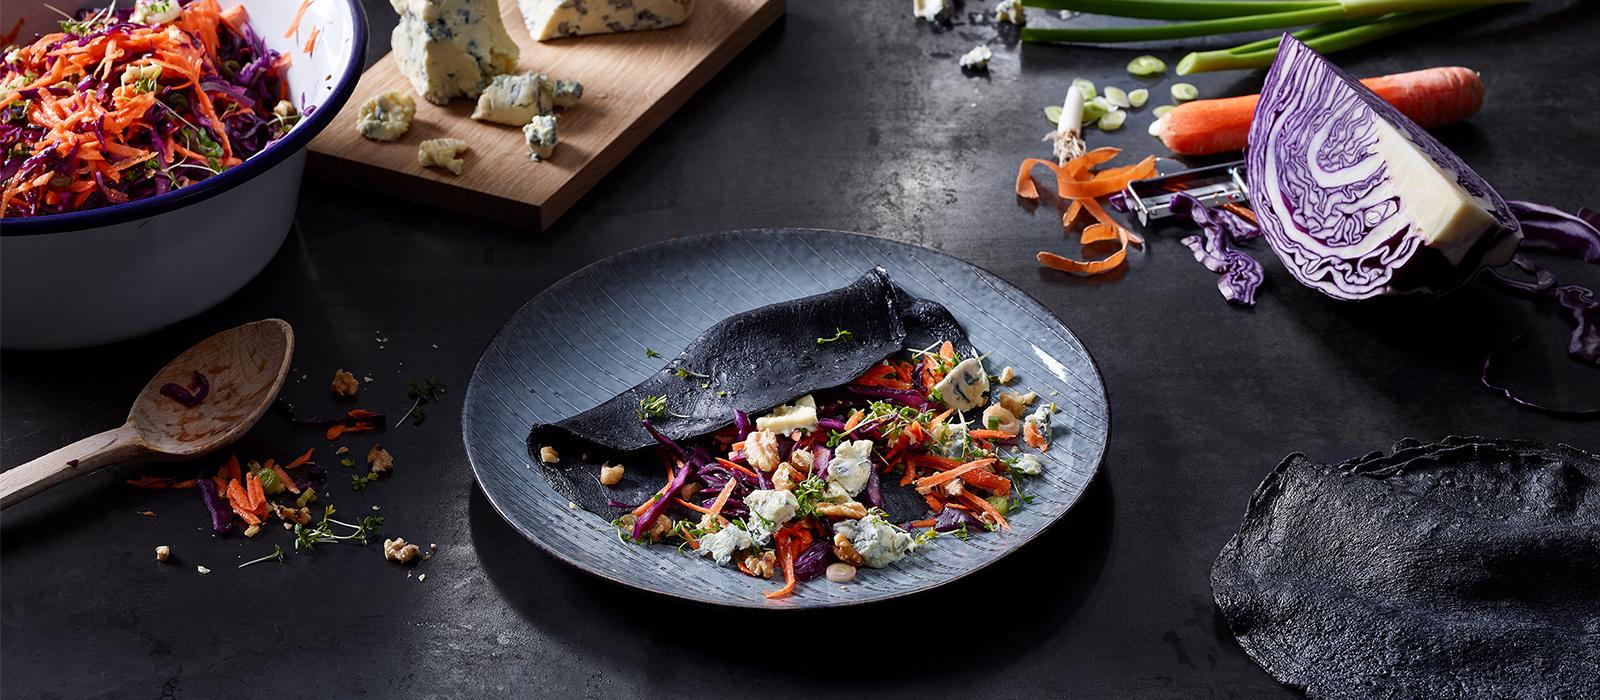 Schwarzer Pfannkuchen mit Karotten-Rotkohlsalat